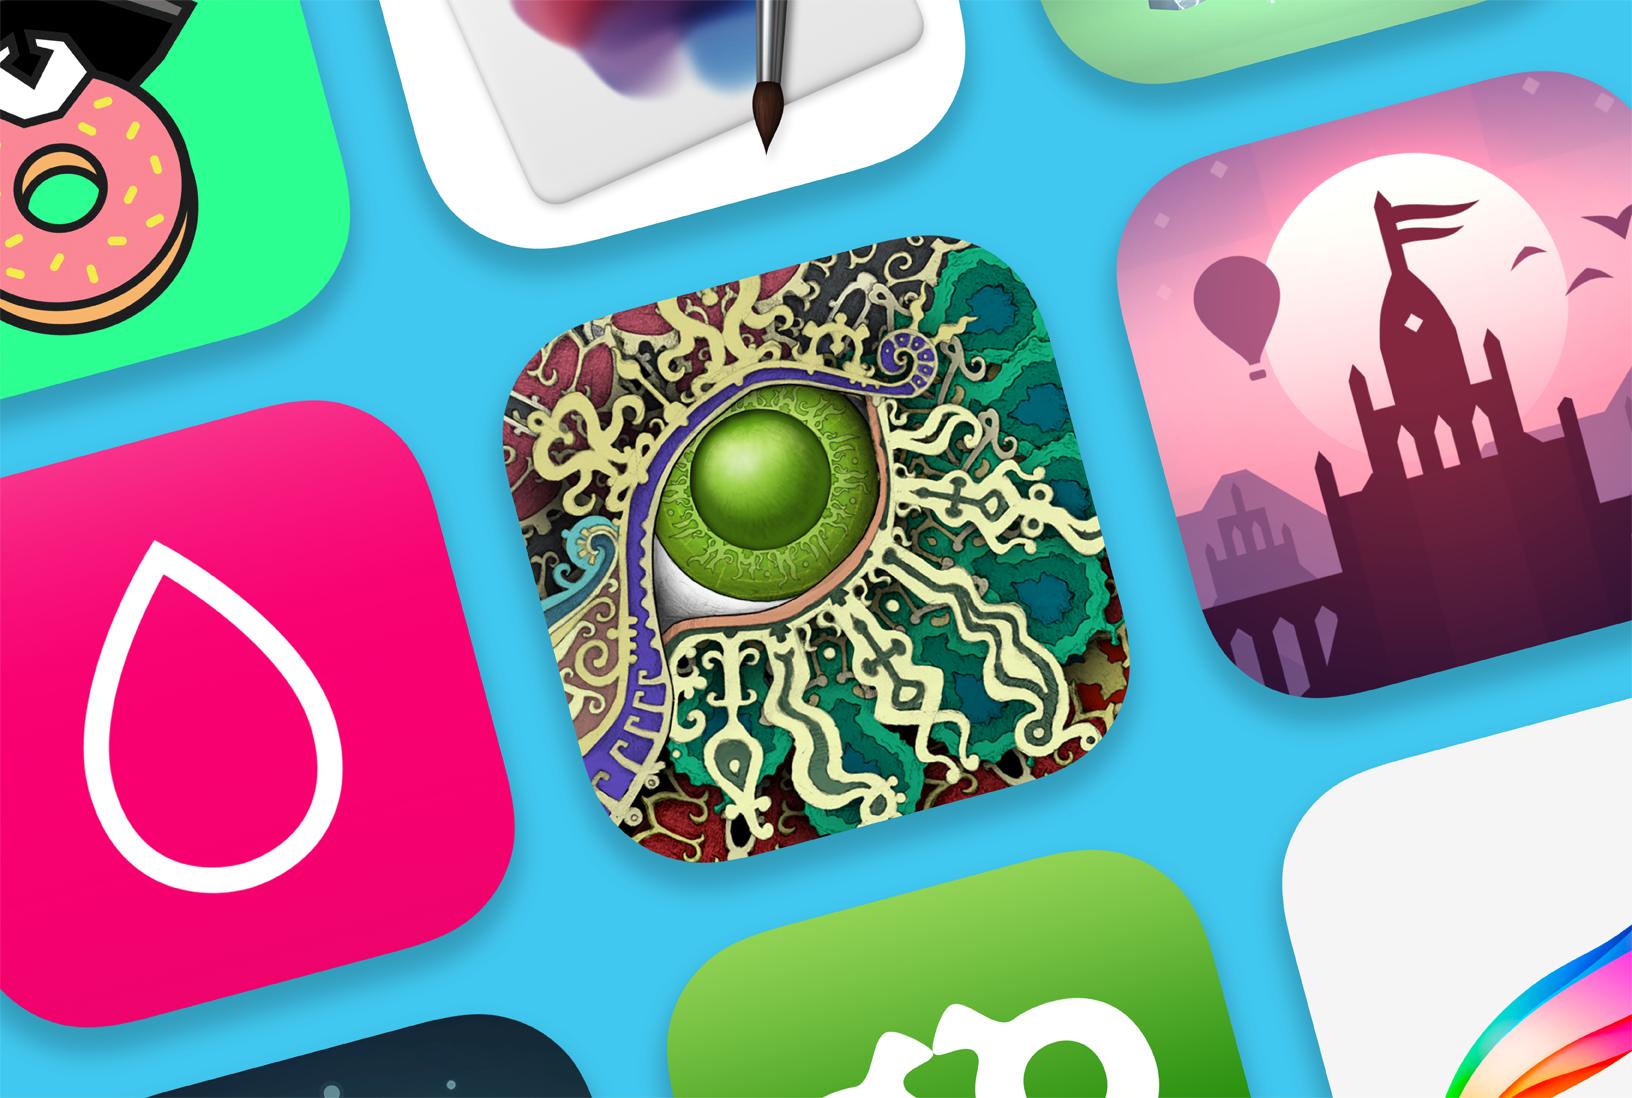 苹果App Store又惹投诉:扶持自家应用打压竞争对手